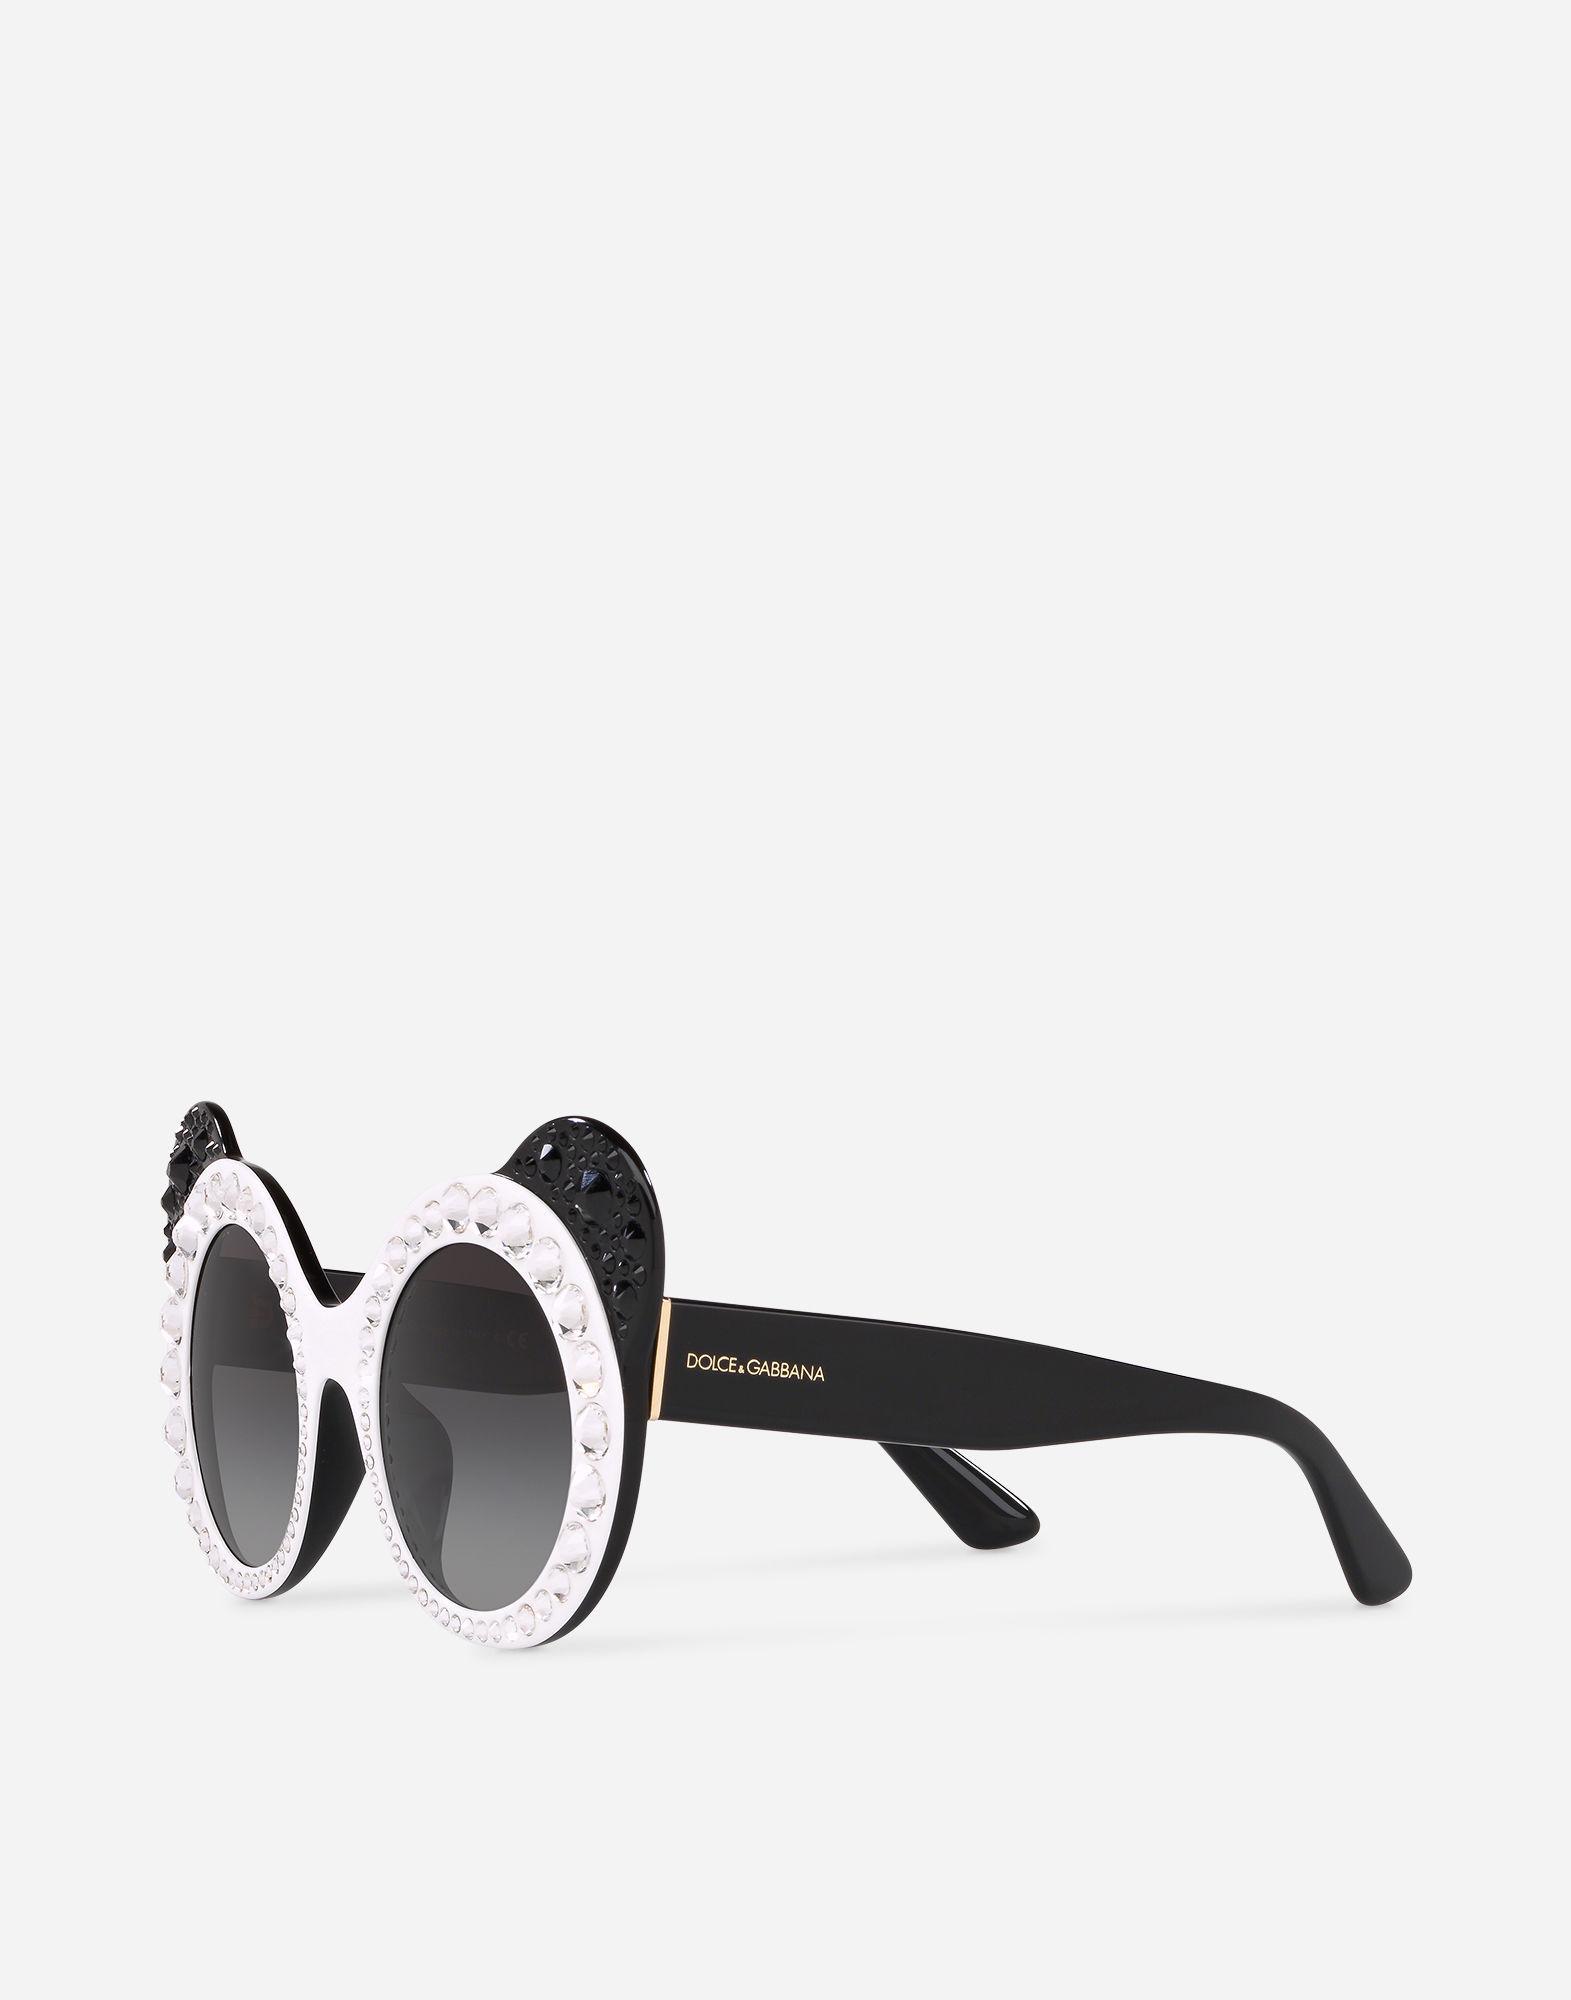 Sunglasses Panda Dg Black Fashion Women's UpLqSMGzjV